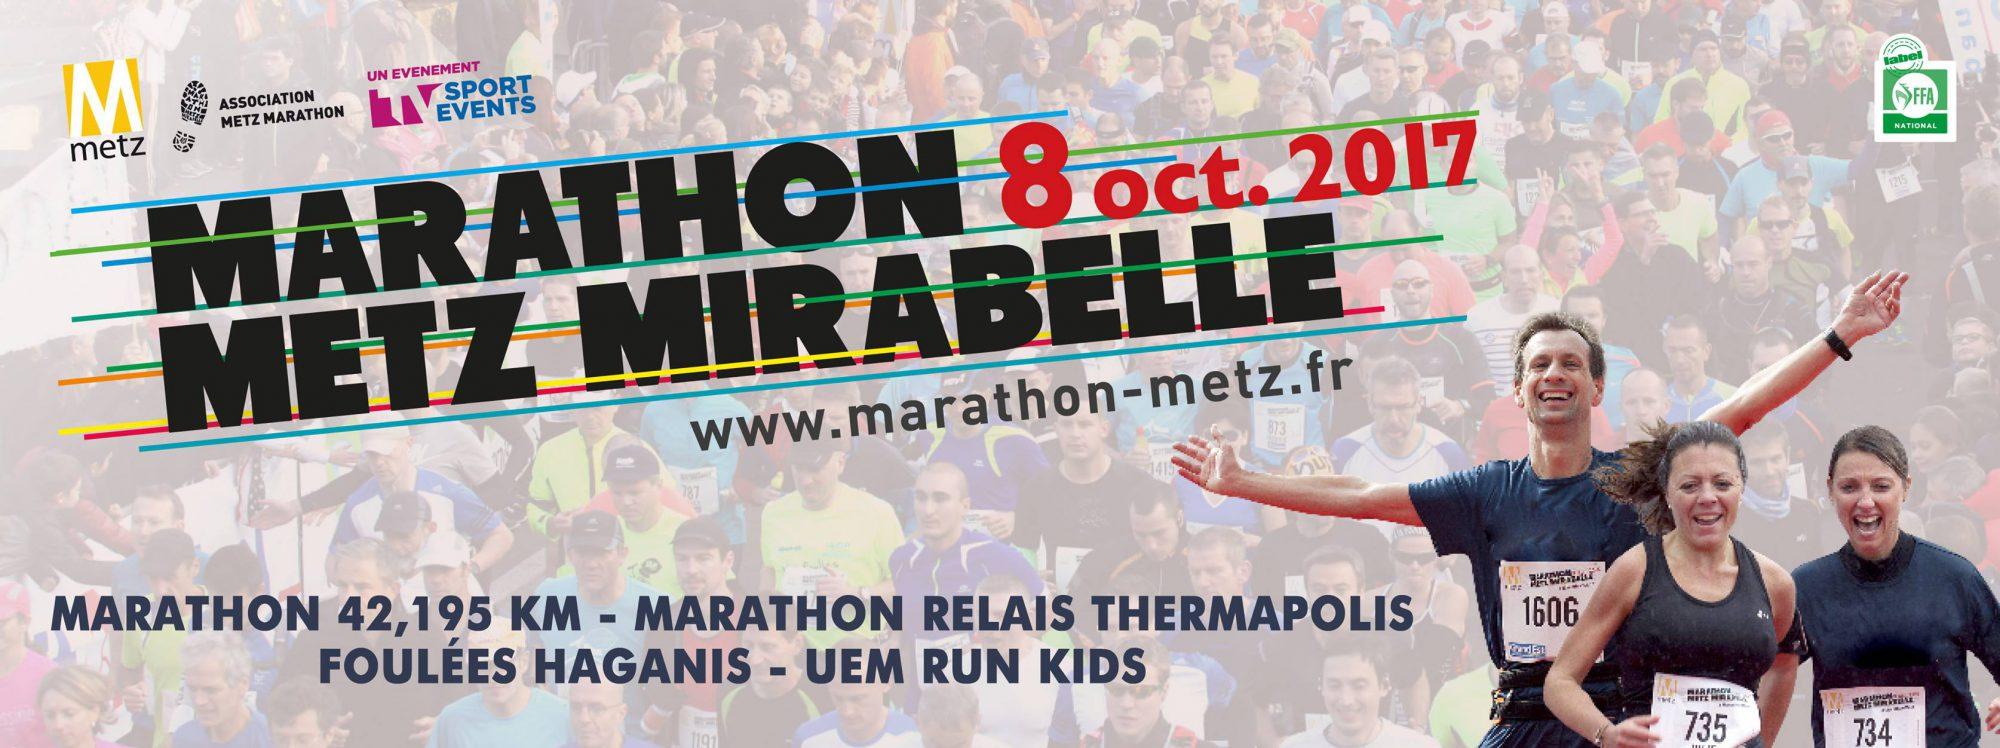 marathon-metz-2017